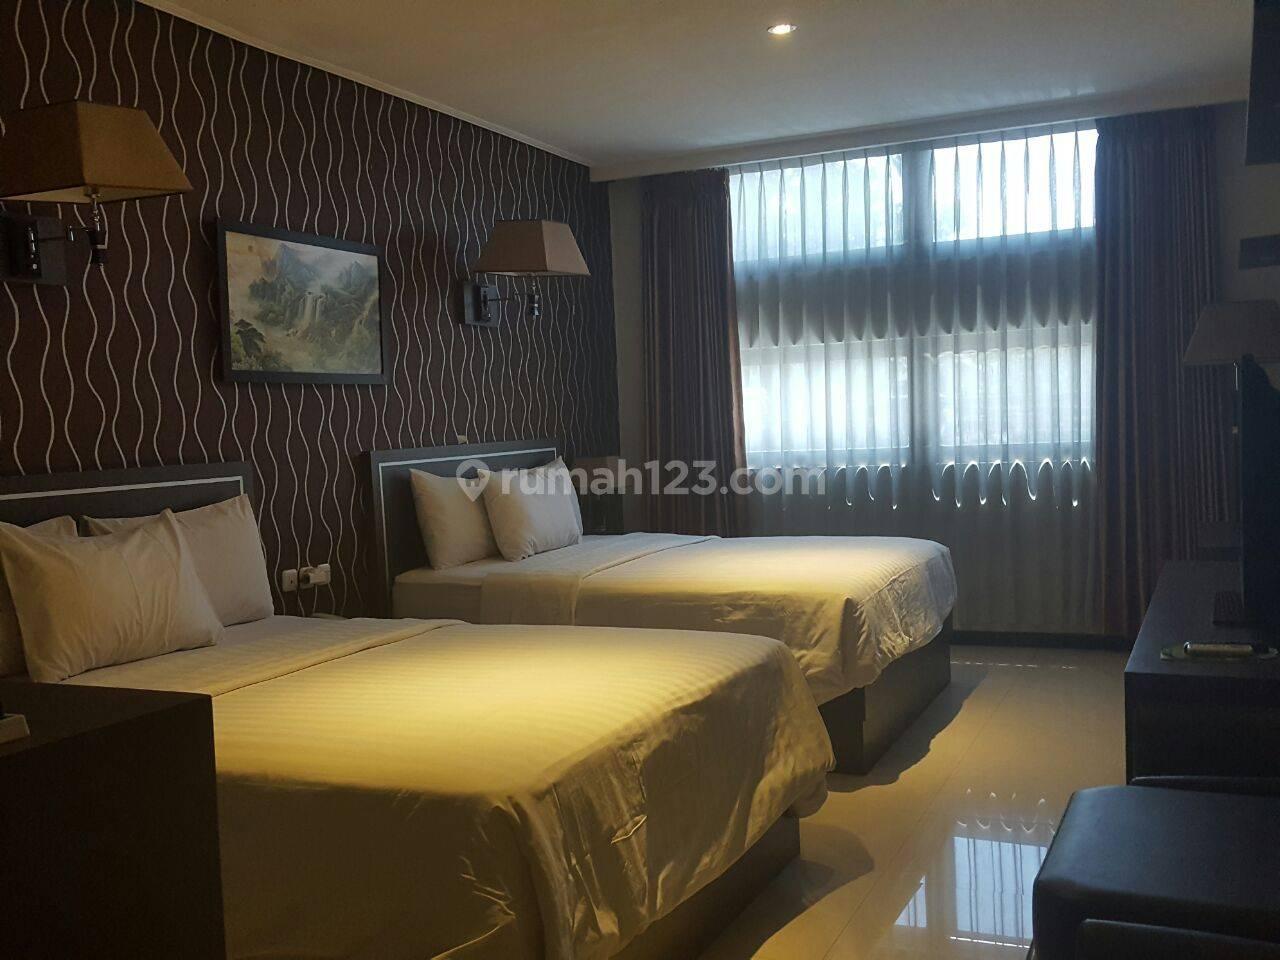 Hotel + Ruang Usaha Di Daerah Pasir Kaliki terdapat lebih dari 50 kamar bagus untuk usaha dan investasi